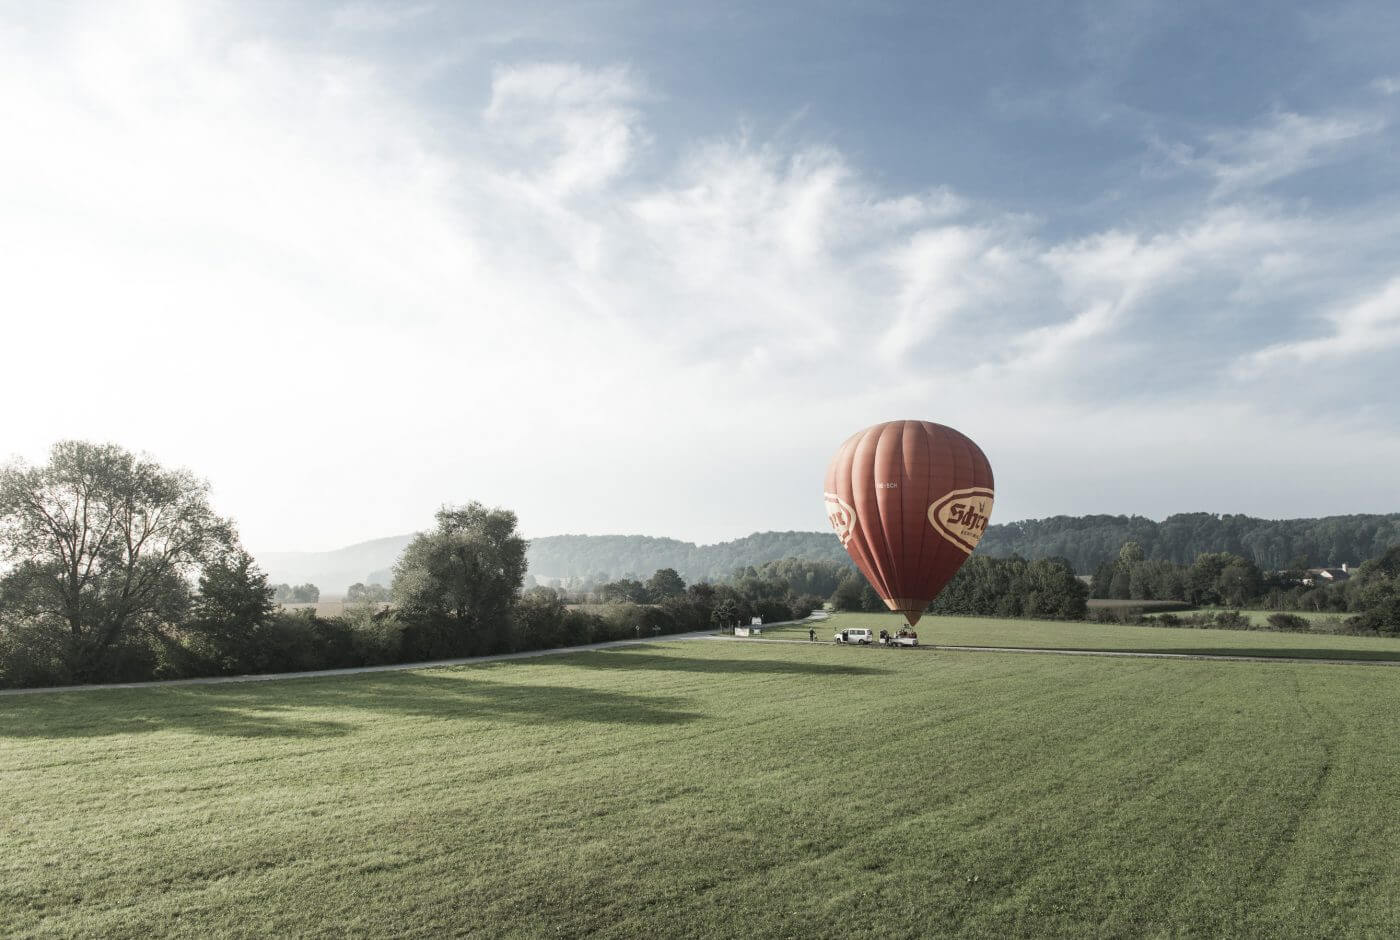 Ballon, Wiese, Region